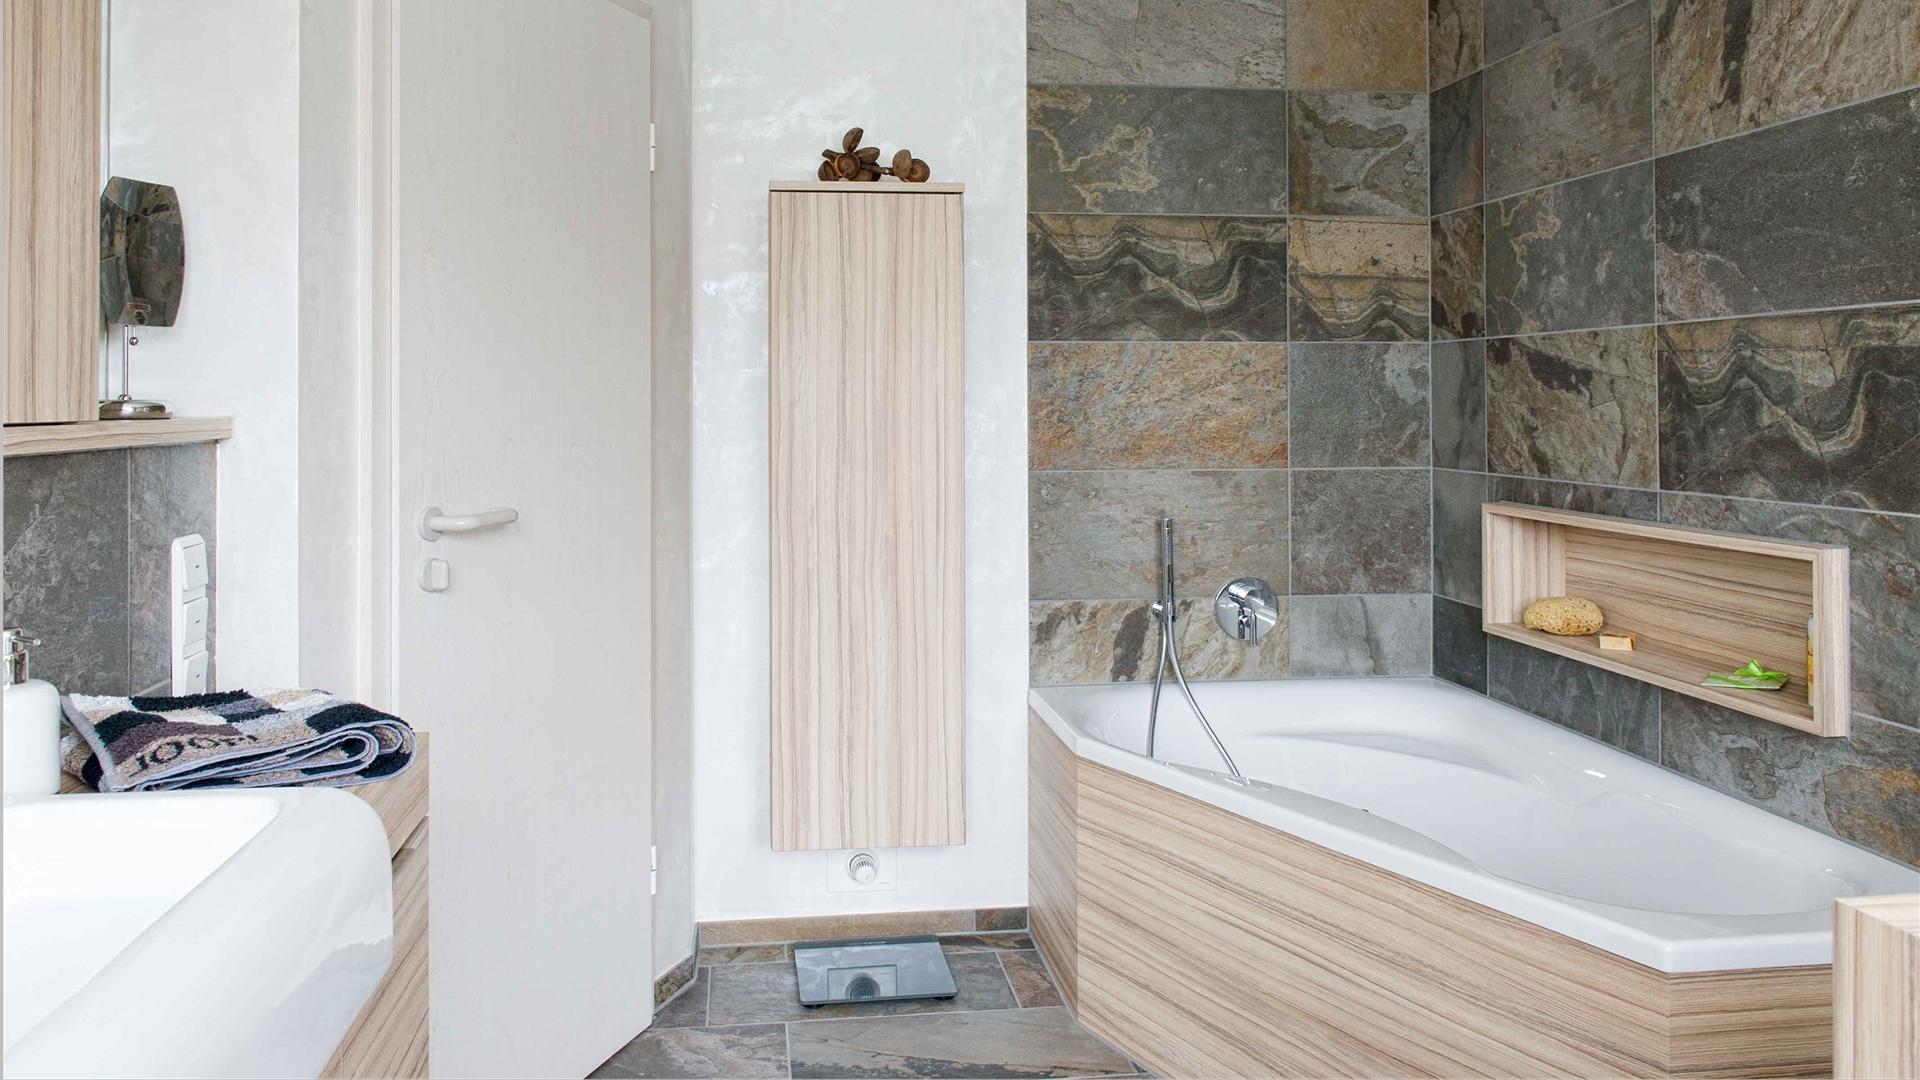 Bad mit Wanne und Hochschrank in hellem Holz